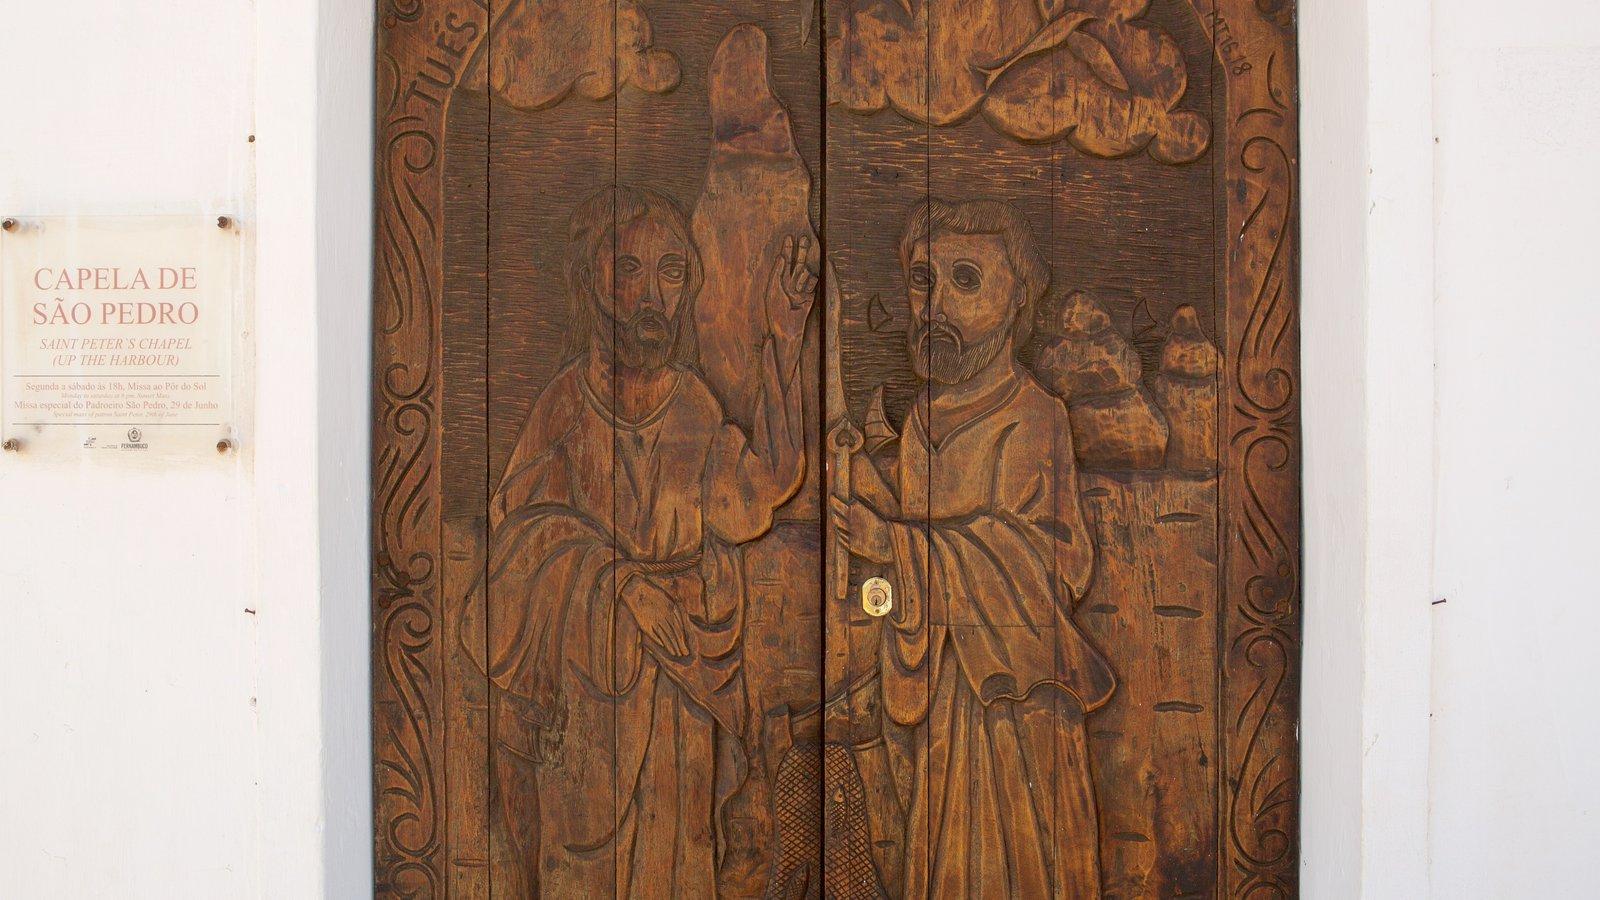 Capela de São Pedro que inclui arte, sinalização e aspectos religiosos